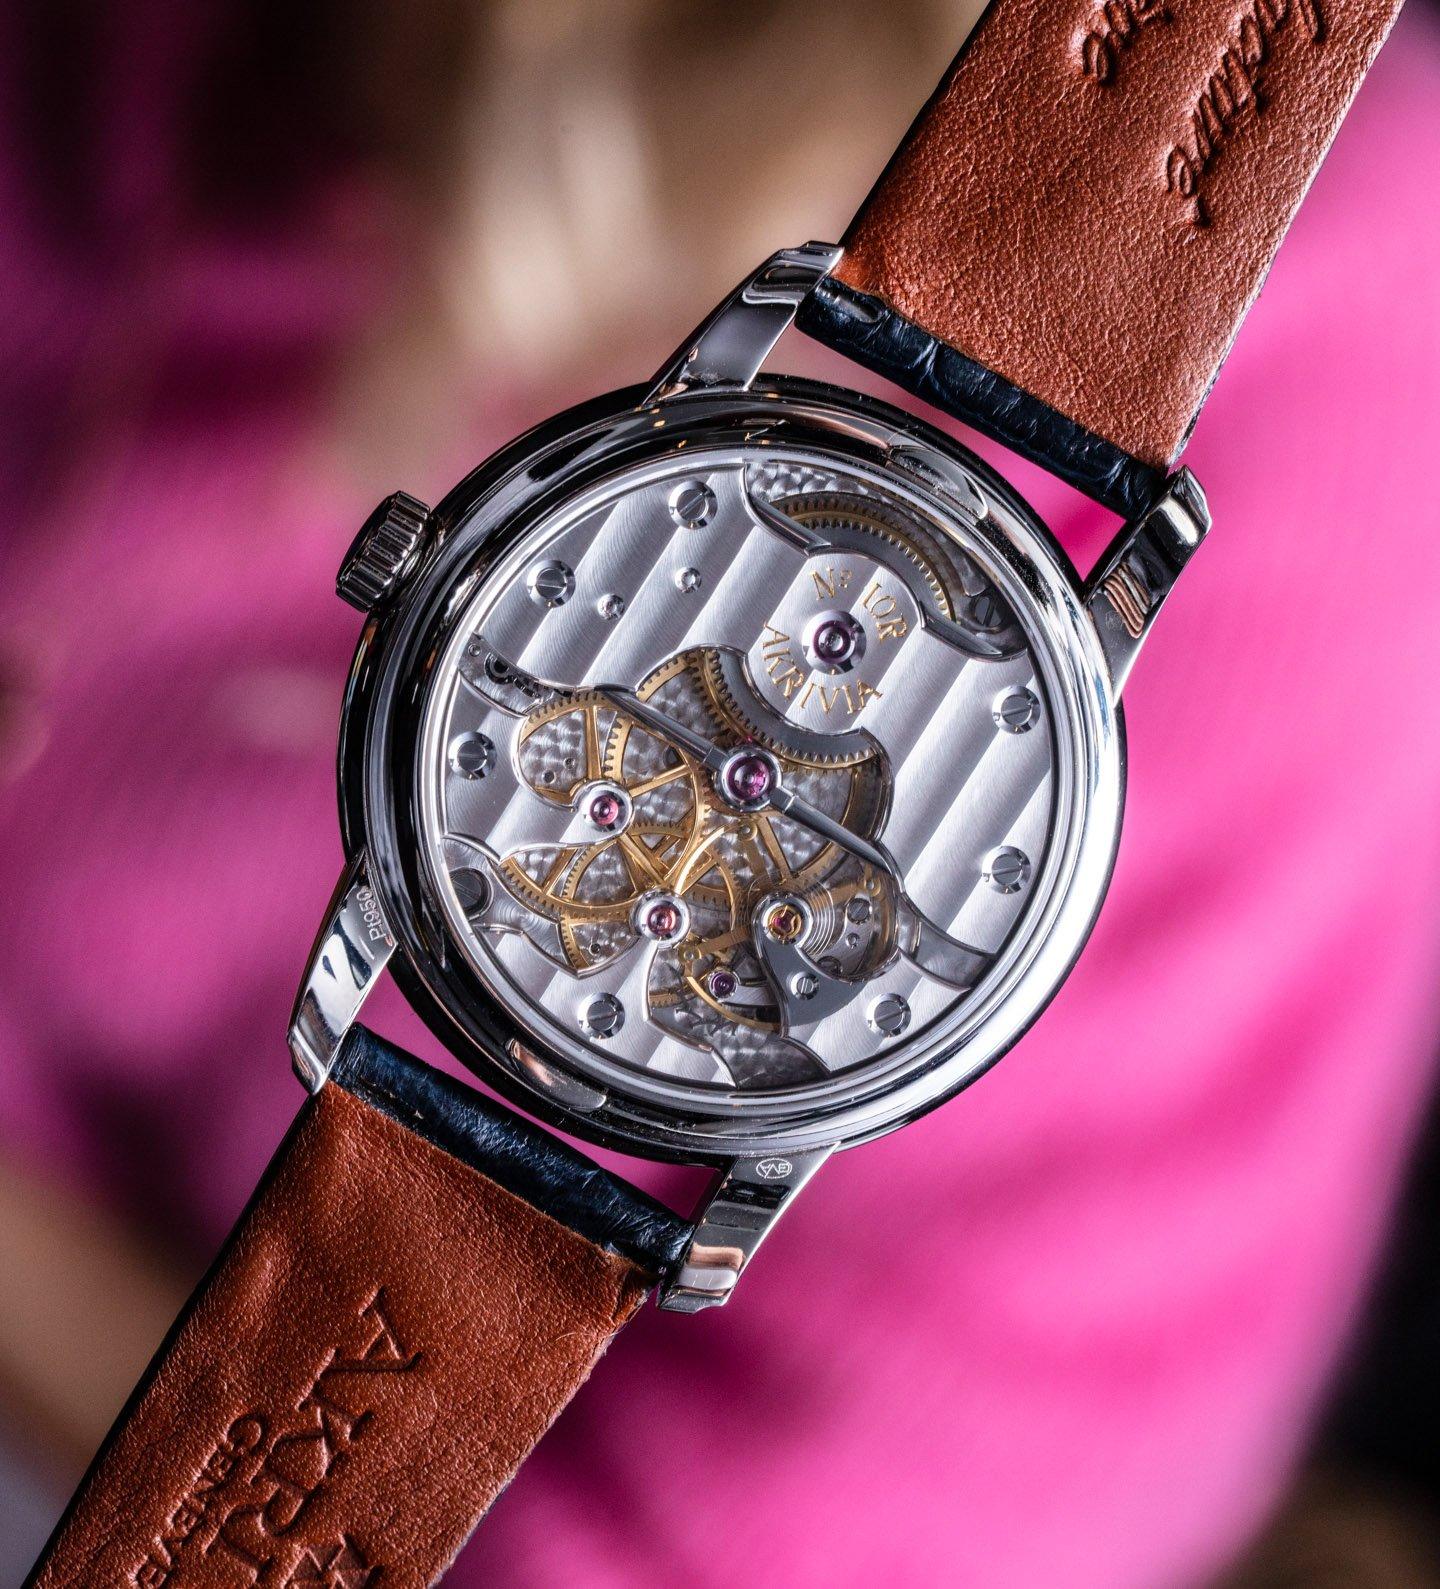 Обзор наручных часов: Rexhep Rexhepi Chronometre Contemporain